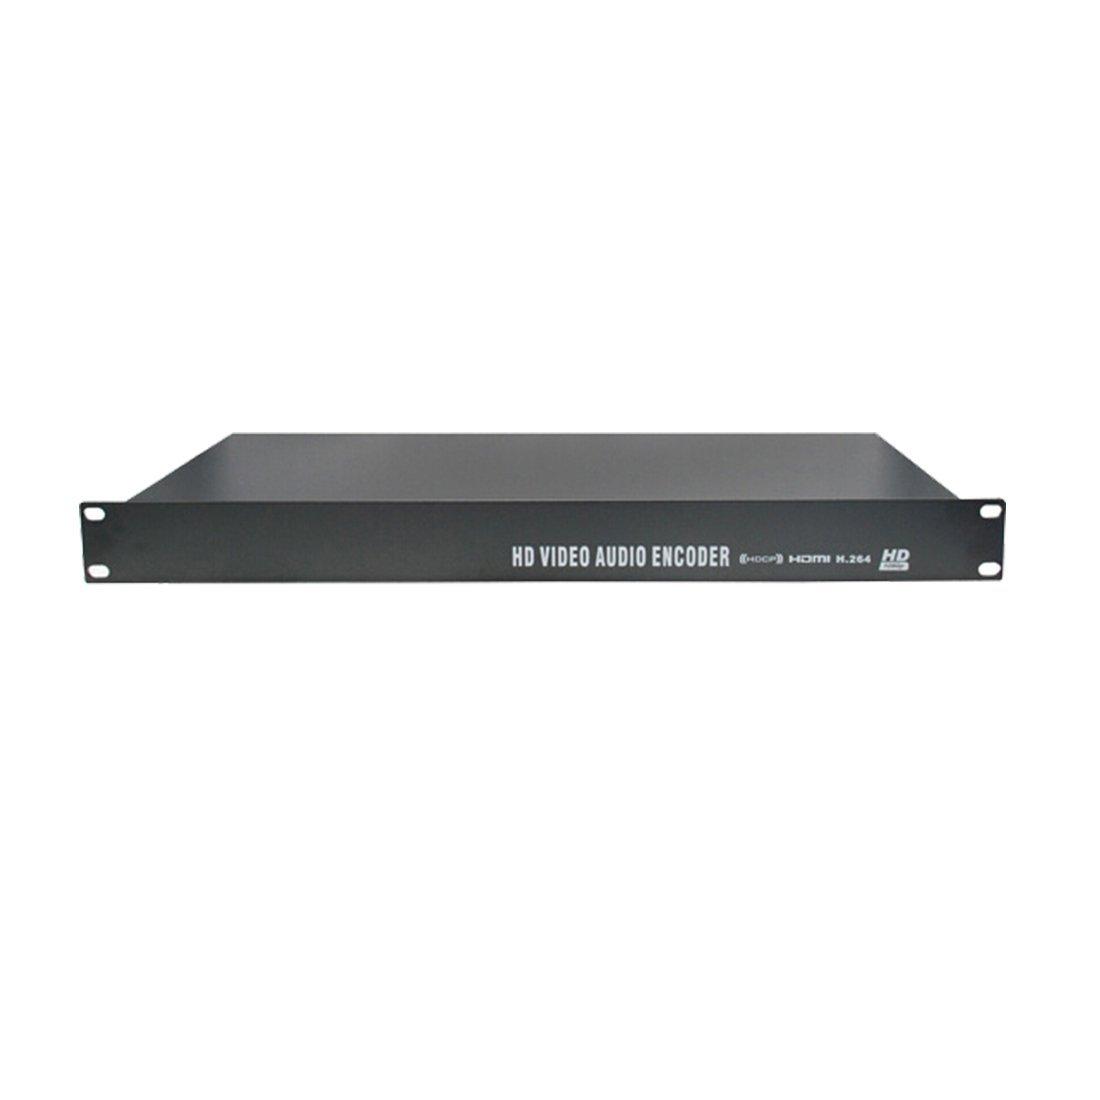 Cùng T8000S11U ba chiều 1 đường SDI H.264 độ nét cao mã hóa